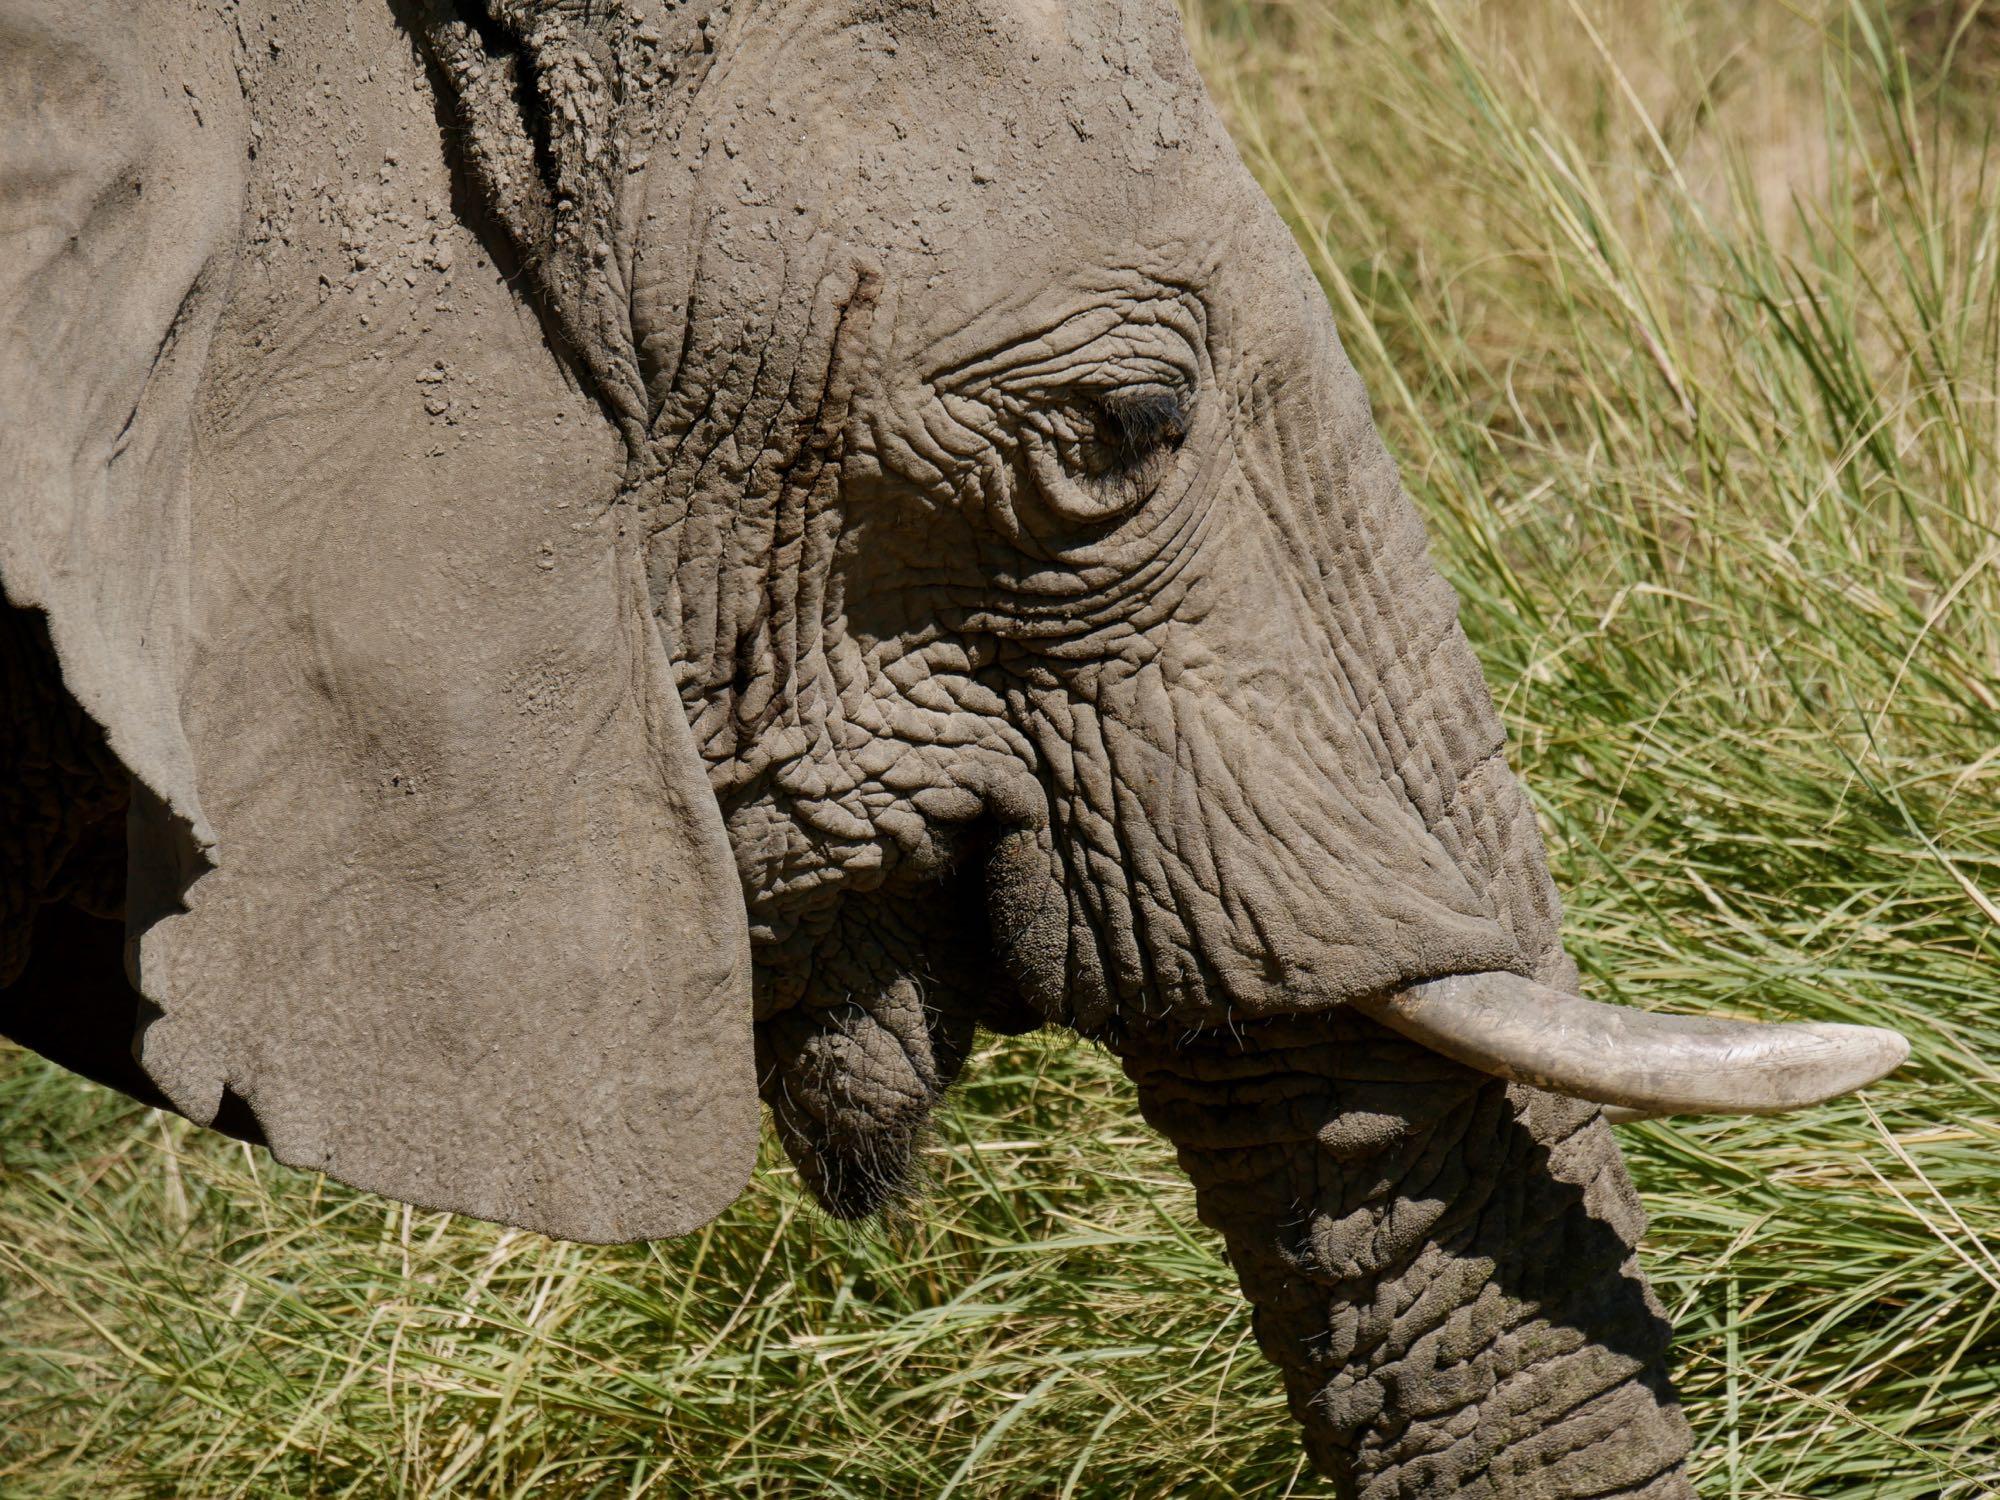 Eléphant du désert vue de prêt au Brandberg